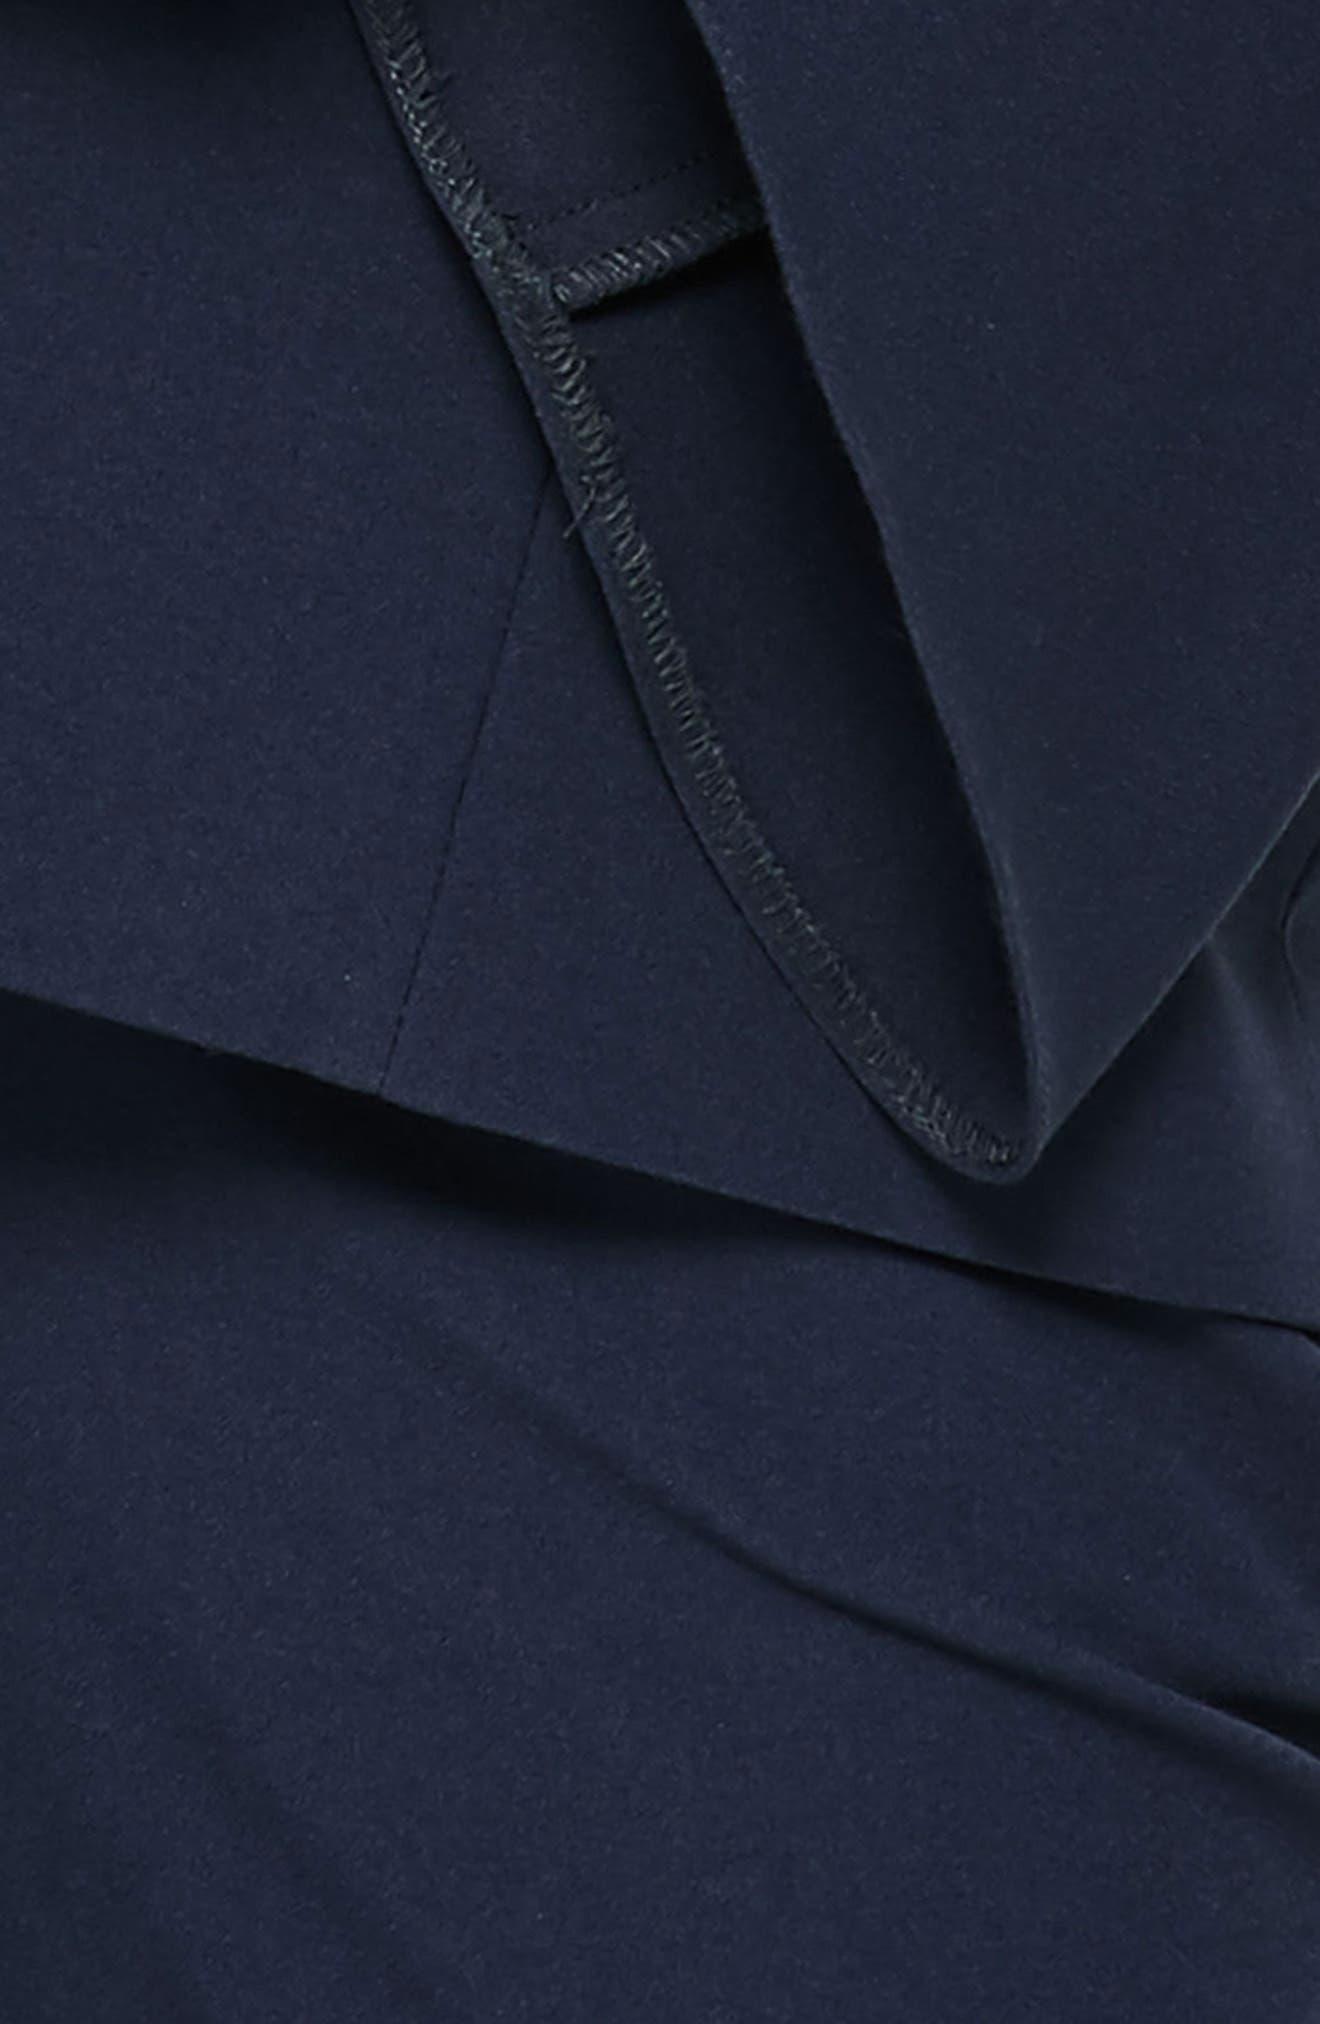 Bell Sleeve Blazer,                             Alternate thumbnail 4, color,                             410